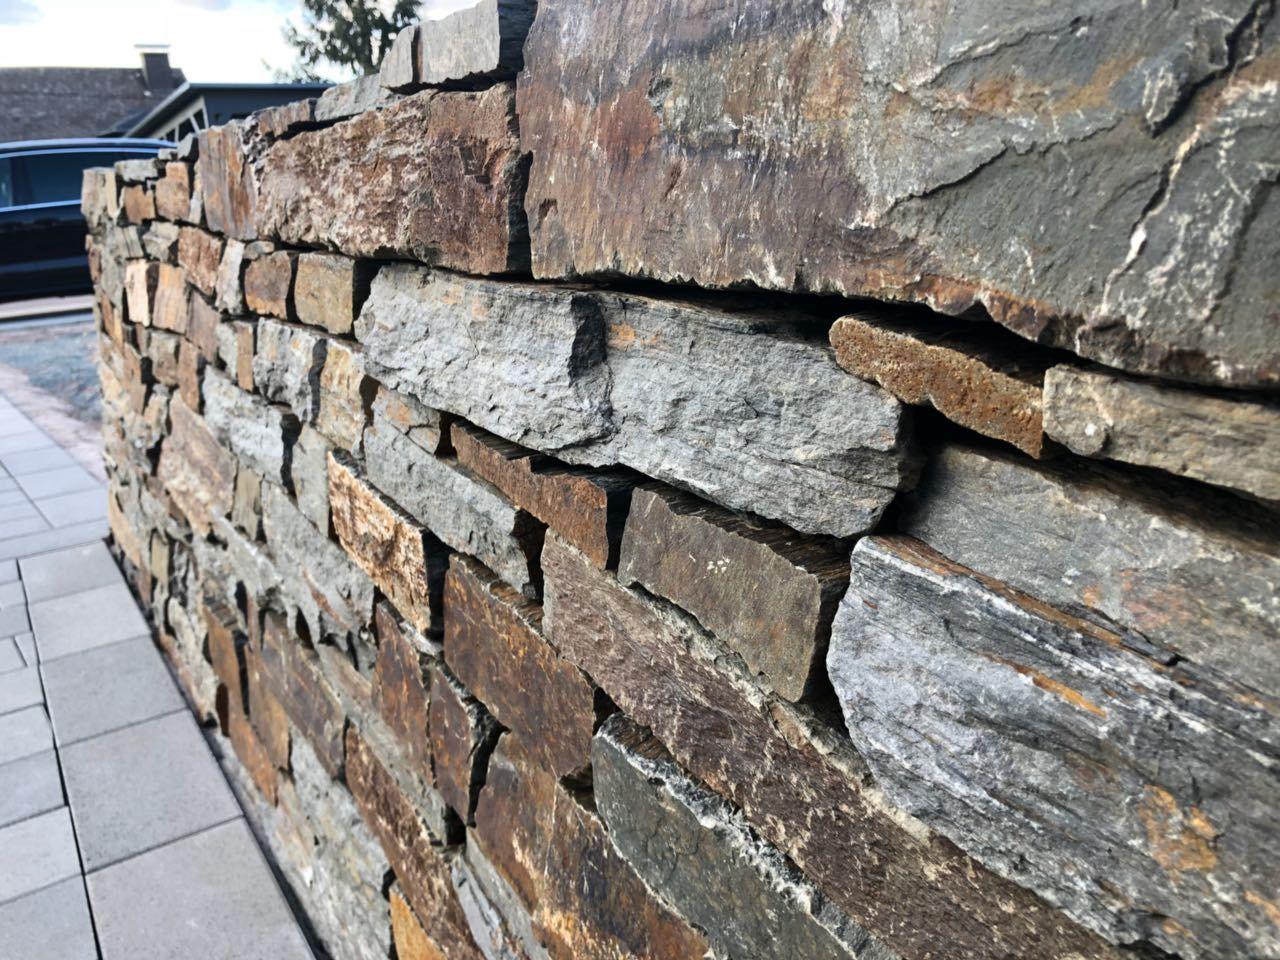 Garten Terrasse Aussengestaltung Mauer Trockenmauer Verkleiden Gestalten Gartengestaltung Naturstein Trockenmauer Natursteine Aussengestaltung